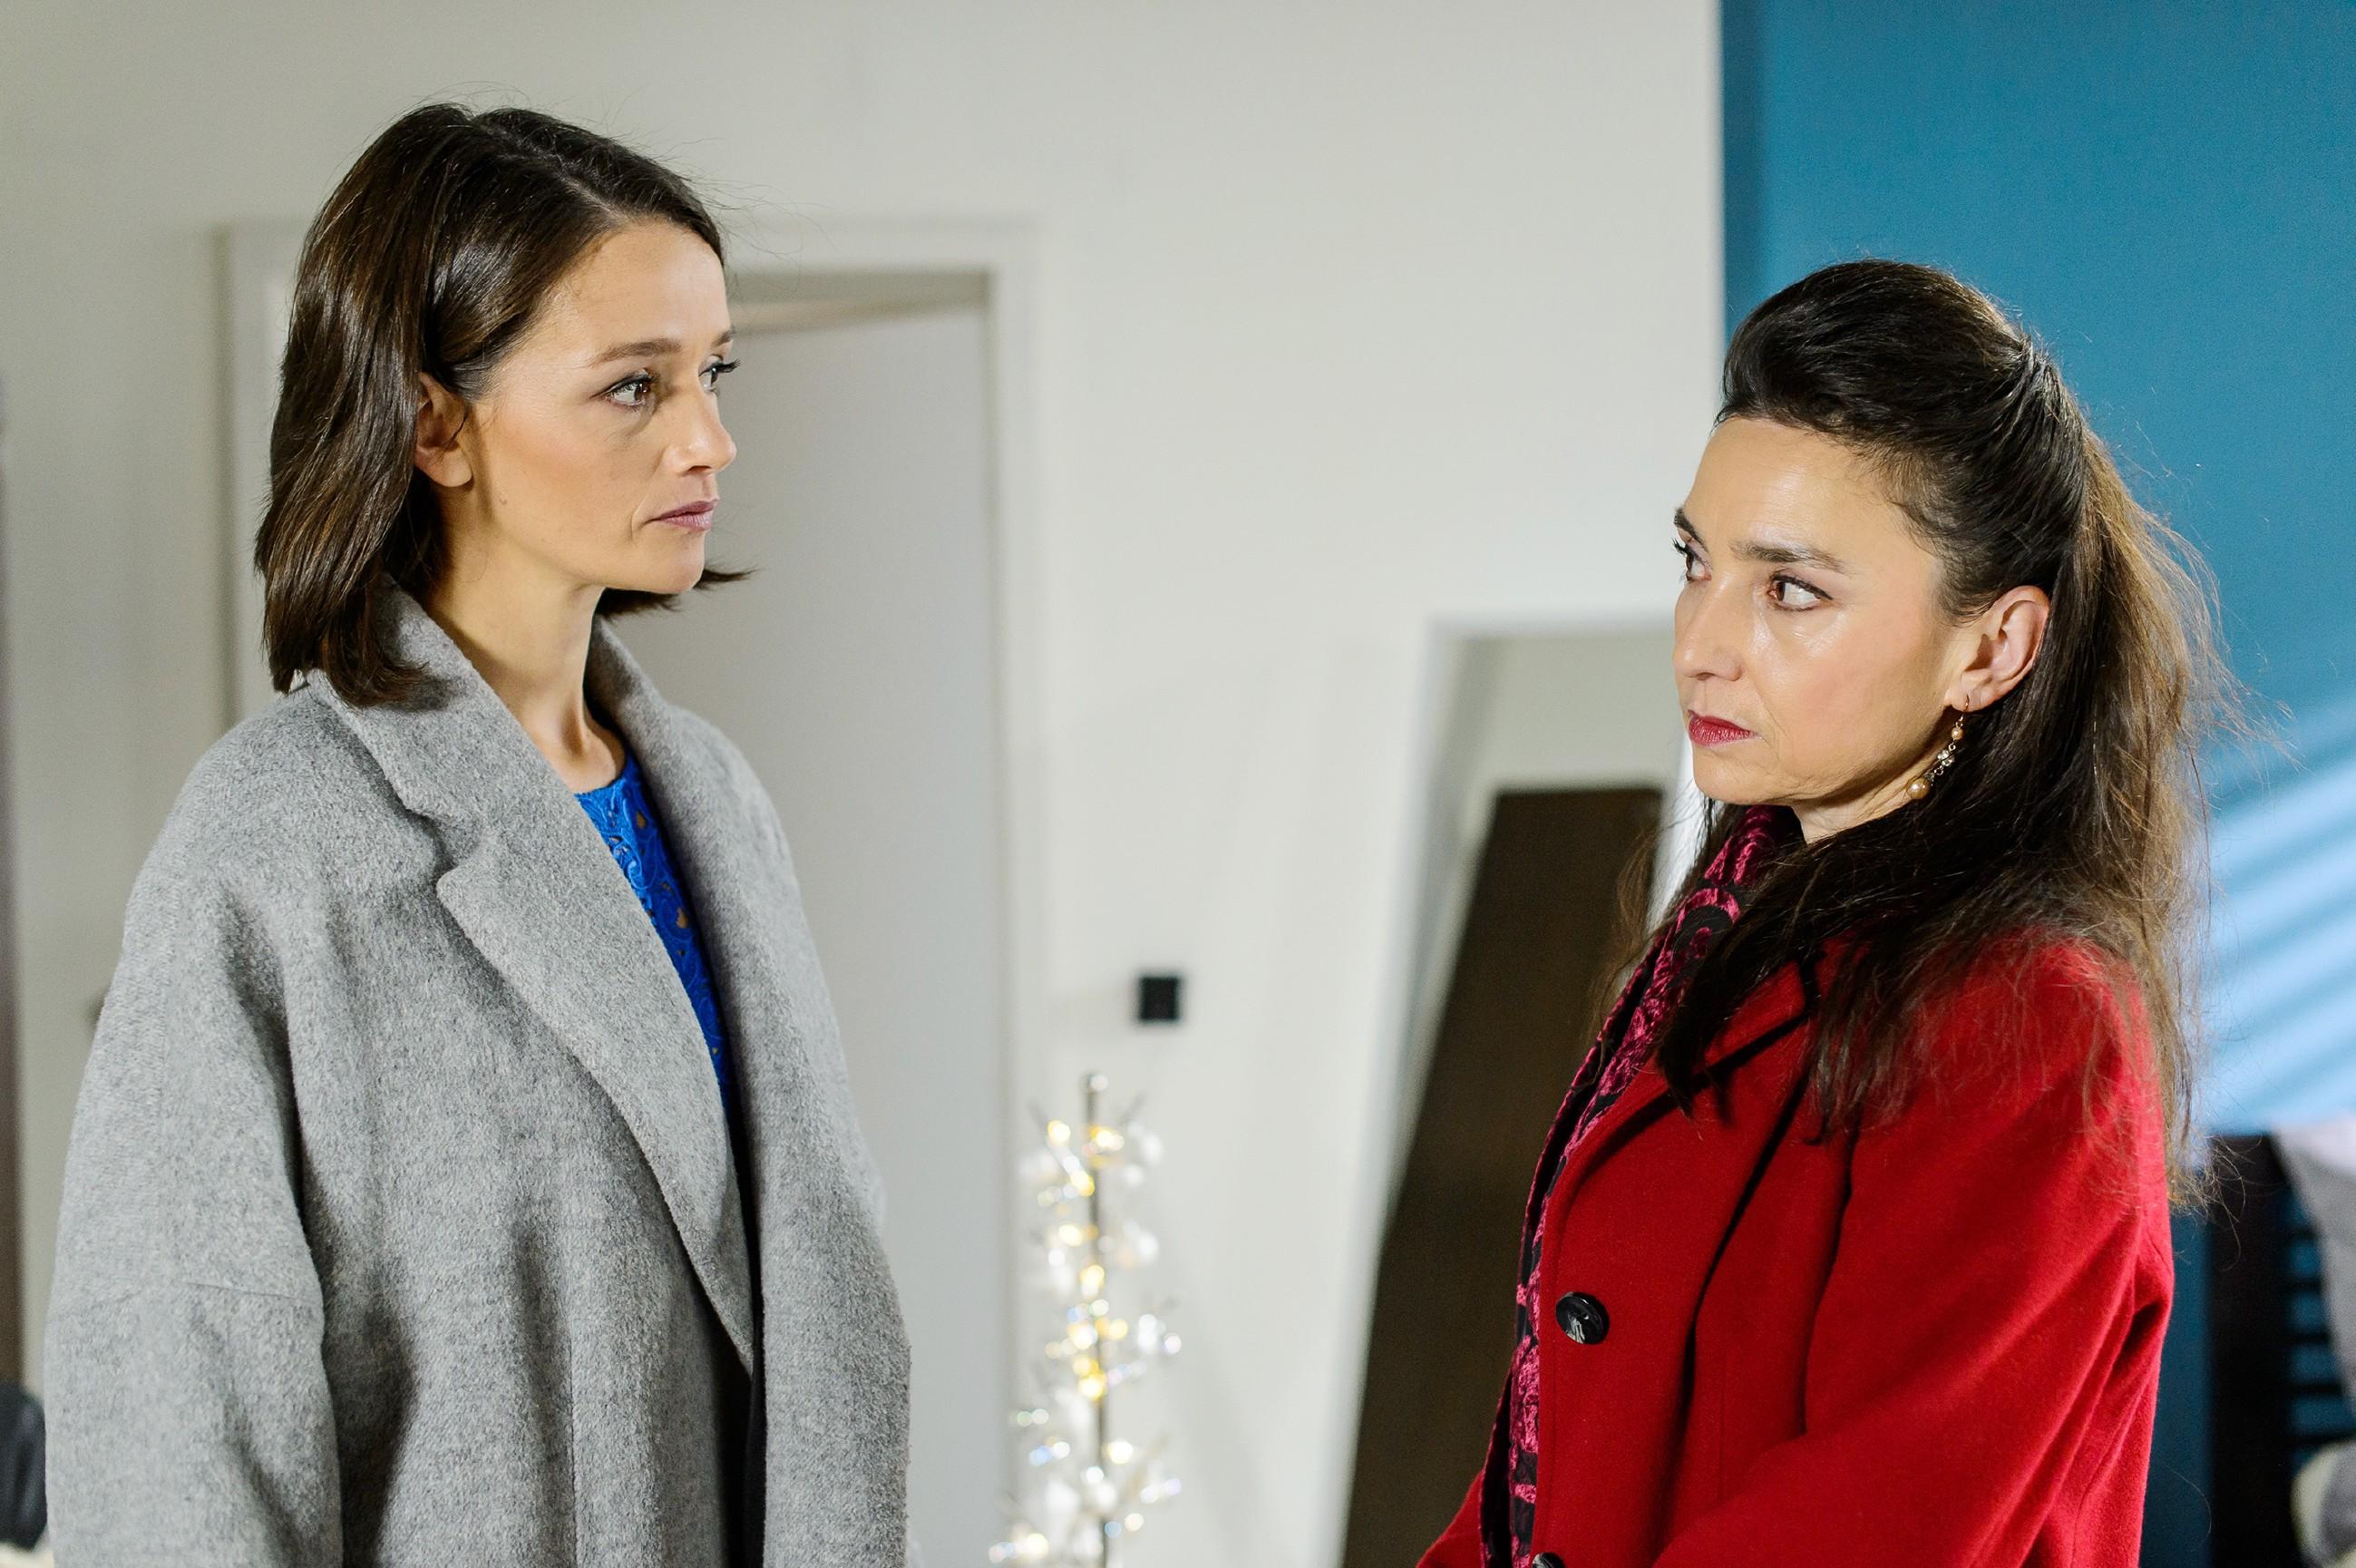 Jenny (Kaja Schmidt-Tychsen, l.) ist zu stur, um den Konflikt mit Simone (Tatjana Clasing) wegen Richard zu begraben und zieht es vor, Weihnachten allein mit Annabelle zu verbringen. (Quelle: RTL / Willi Weber)